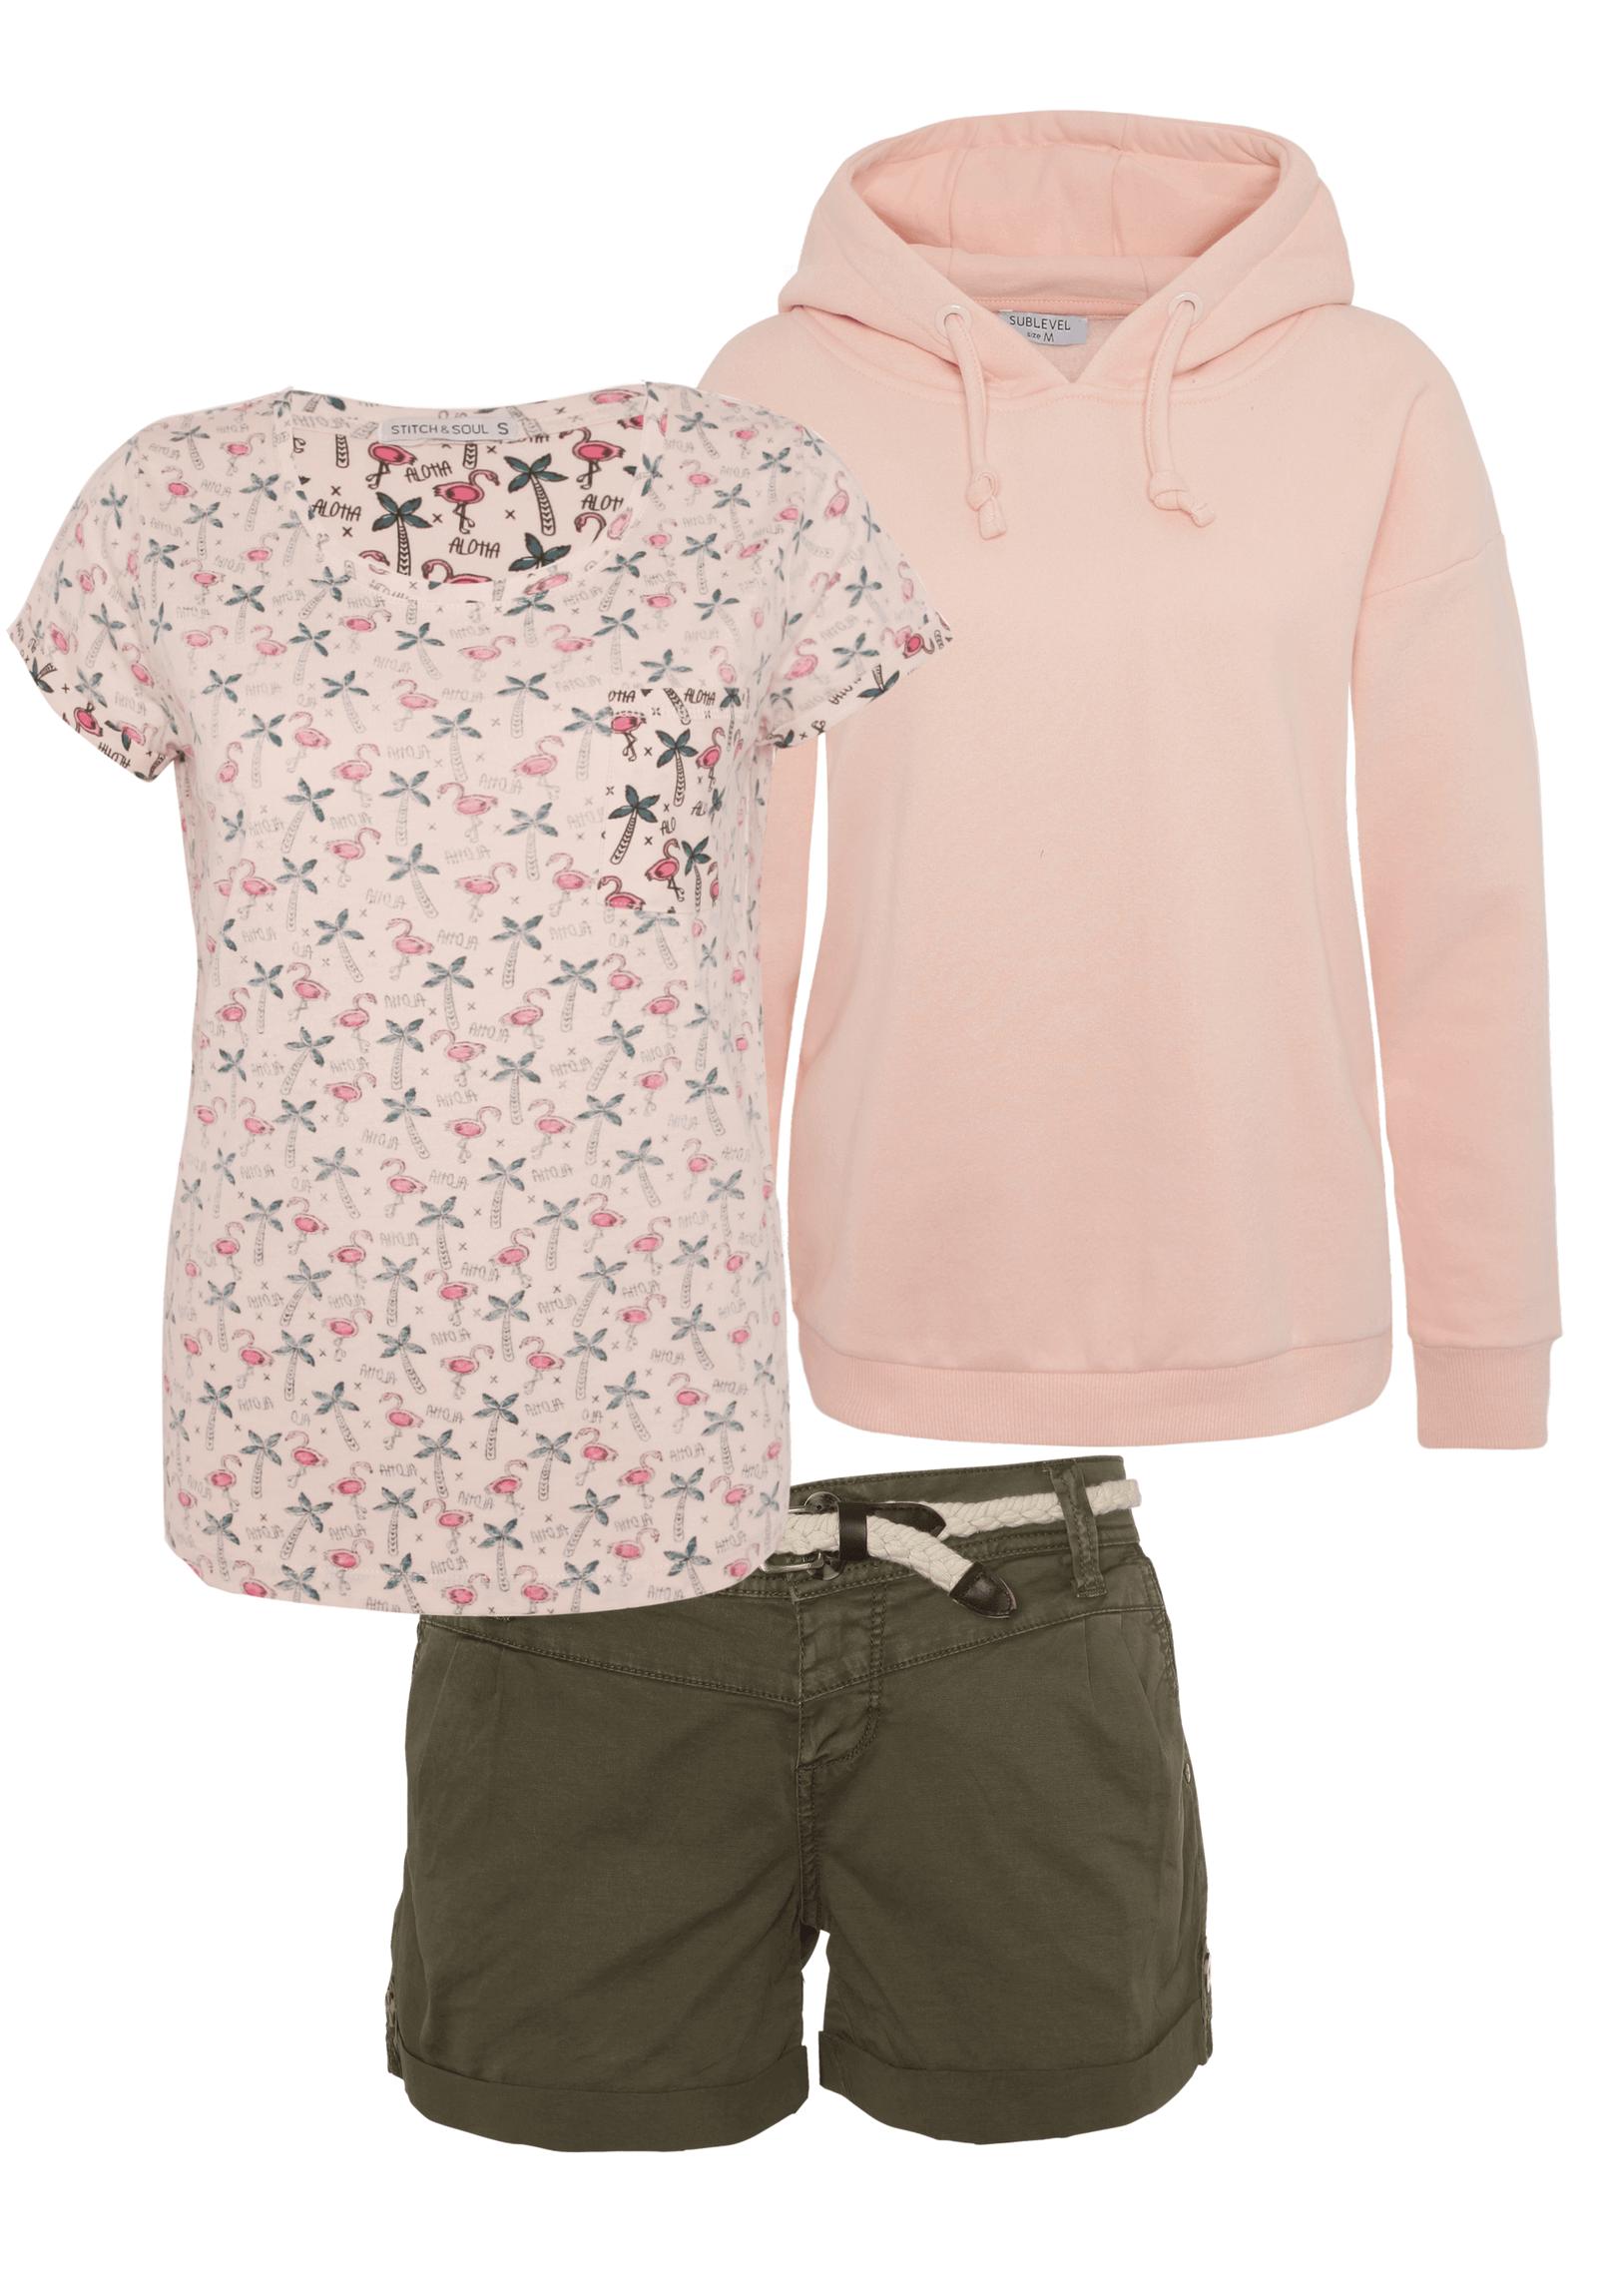 Outfit mit Rosa Oberteil und Khaki Shorts